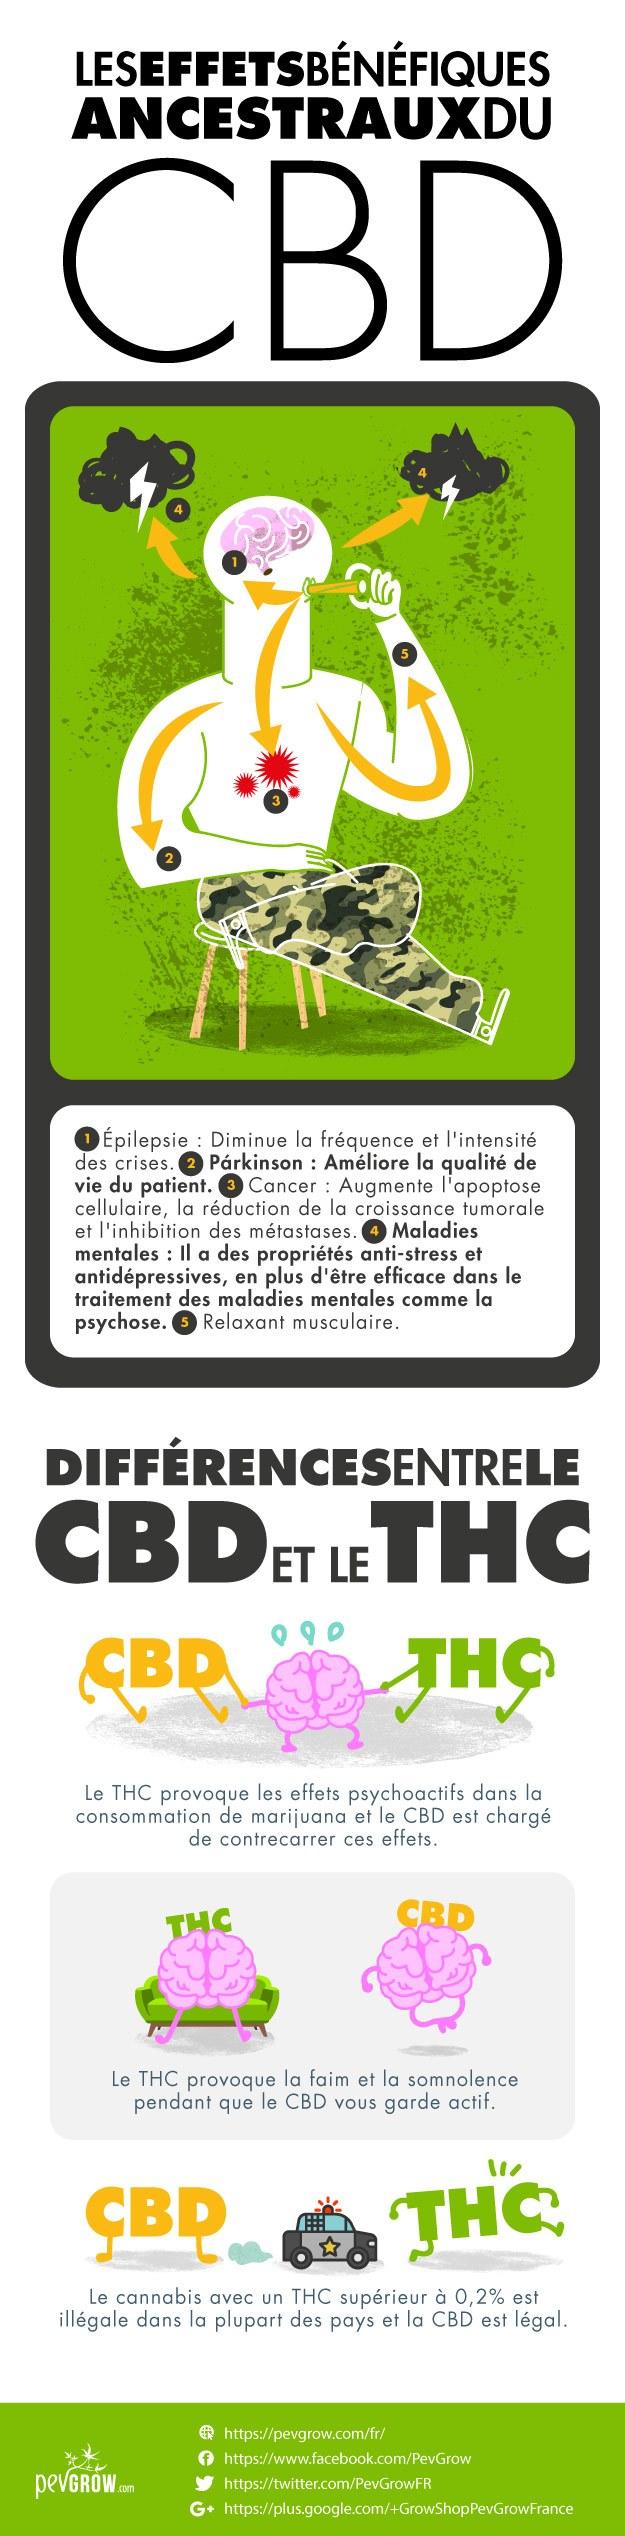 La consommation de CBD vous apportera une série d'avantages incroyables